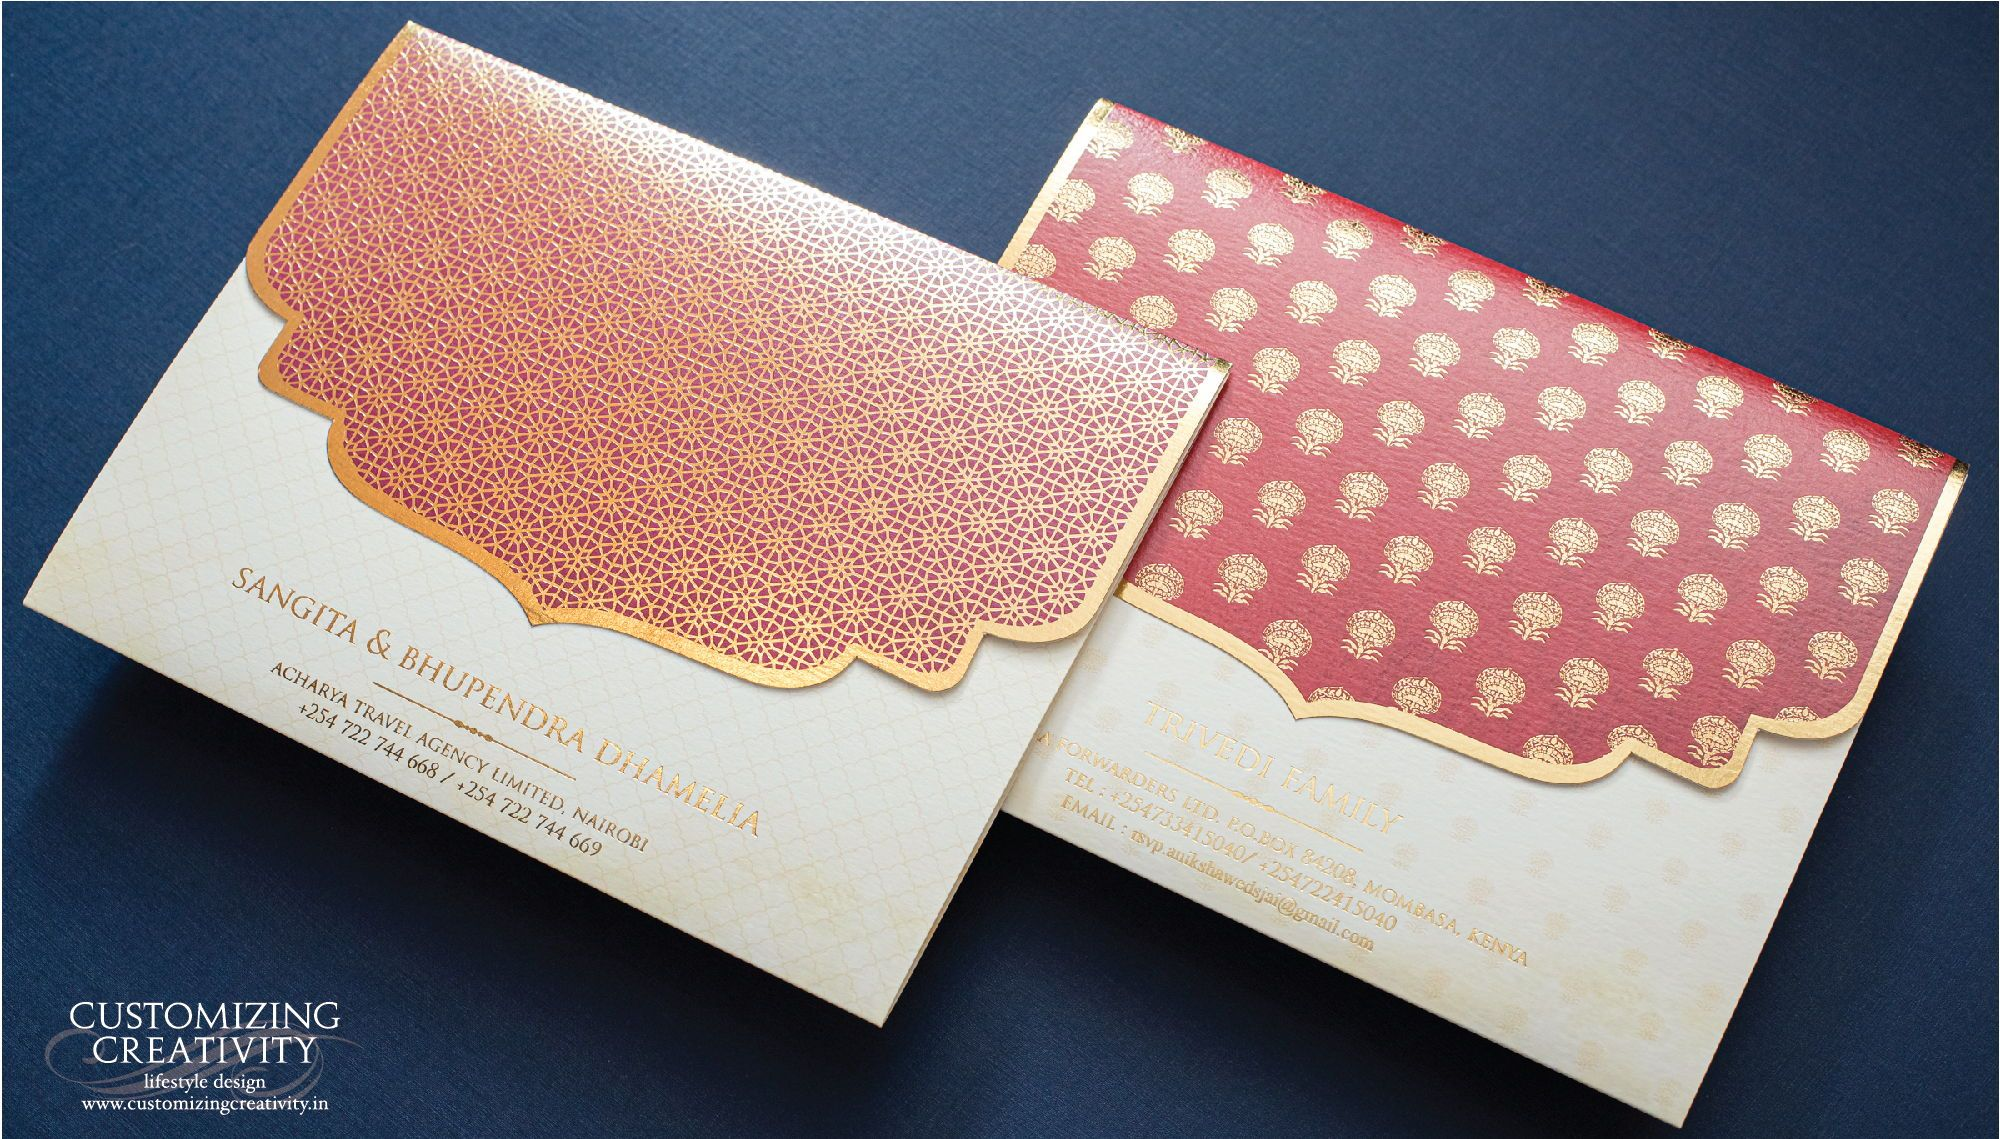 Home Customizing Creativity Wedding Stationery Wedding Invitation Cards Wedding Cards